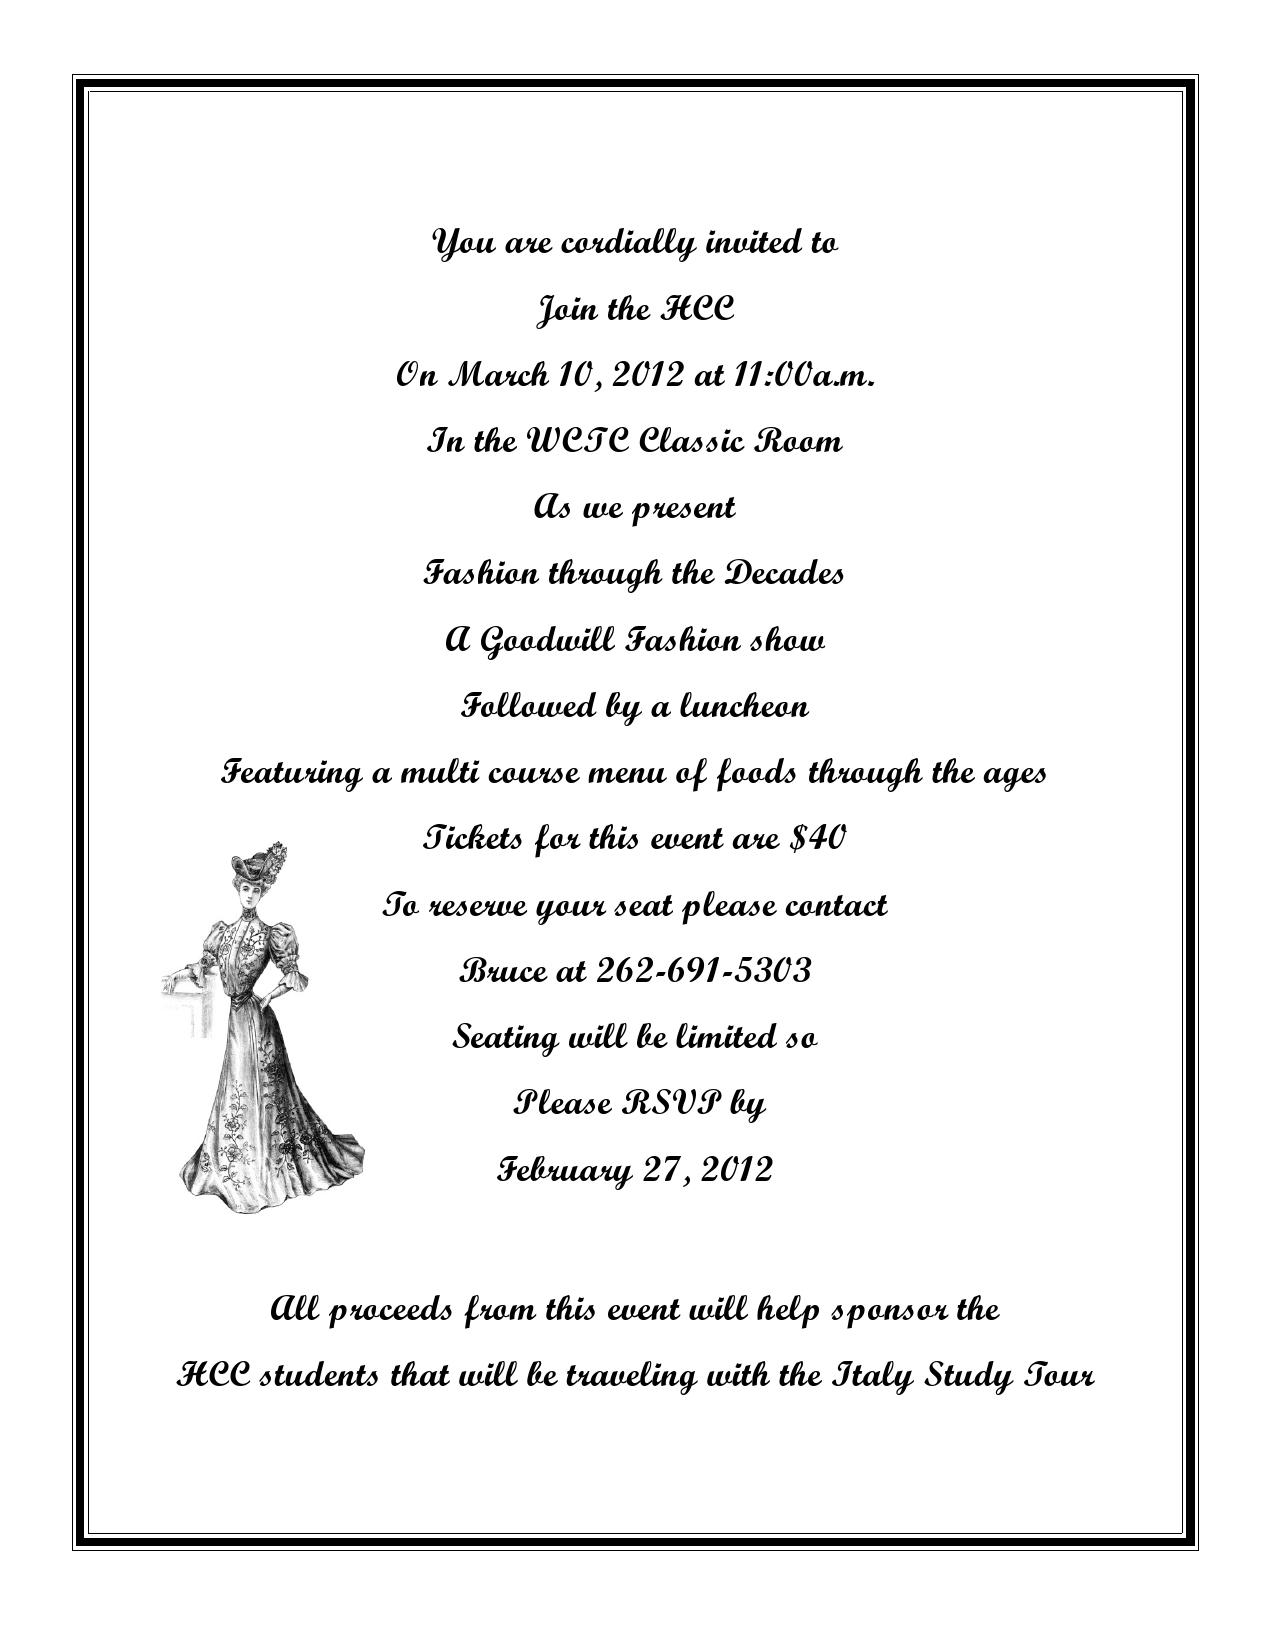 Letter Of Invitation For A Fashion Event Premium Invitation